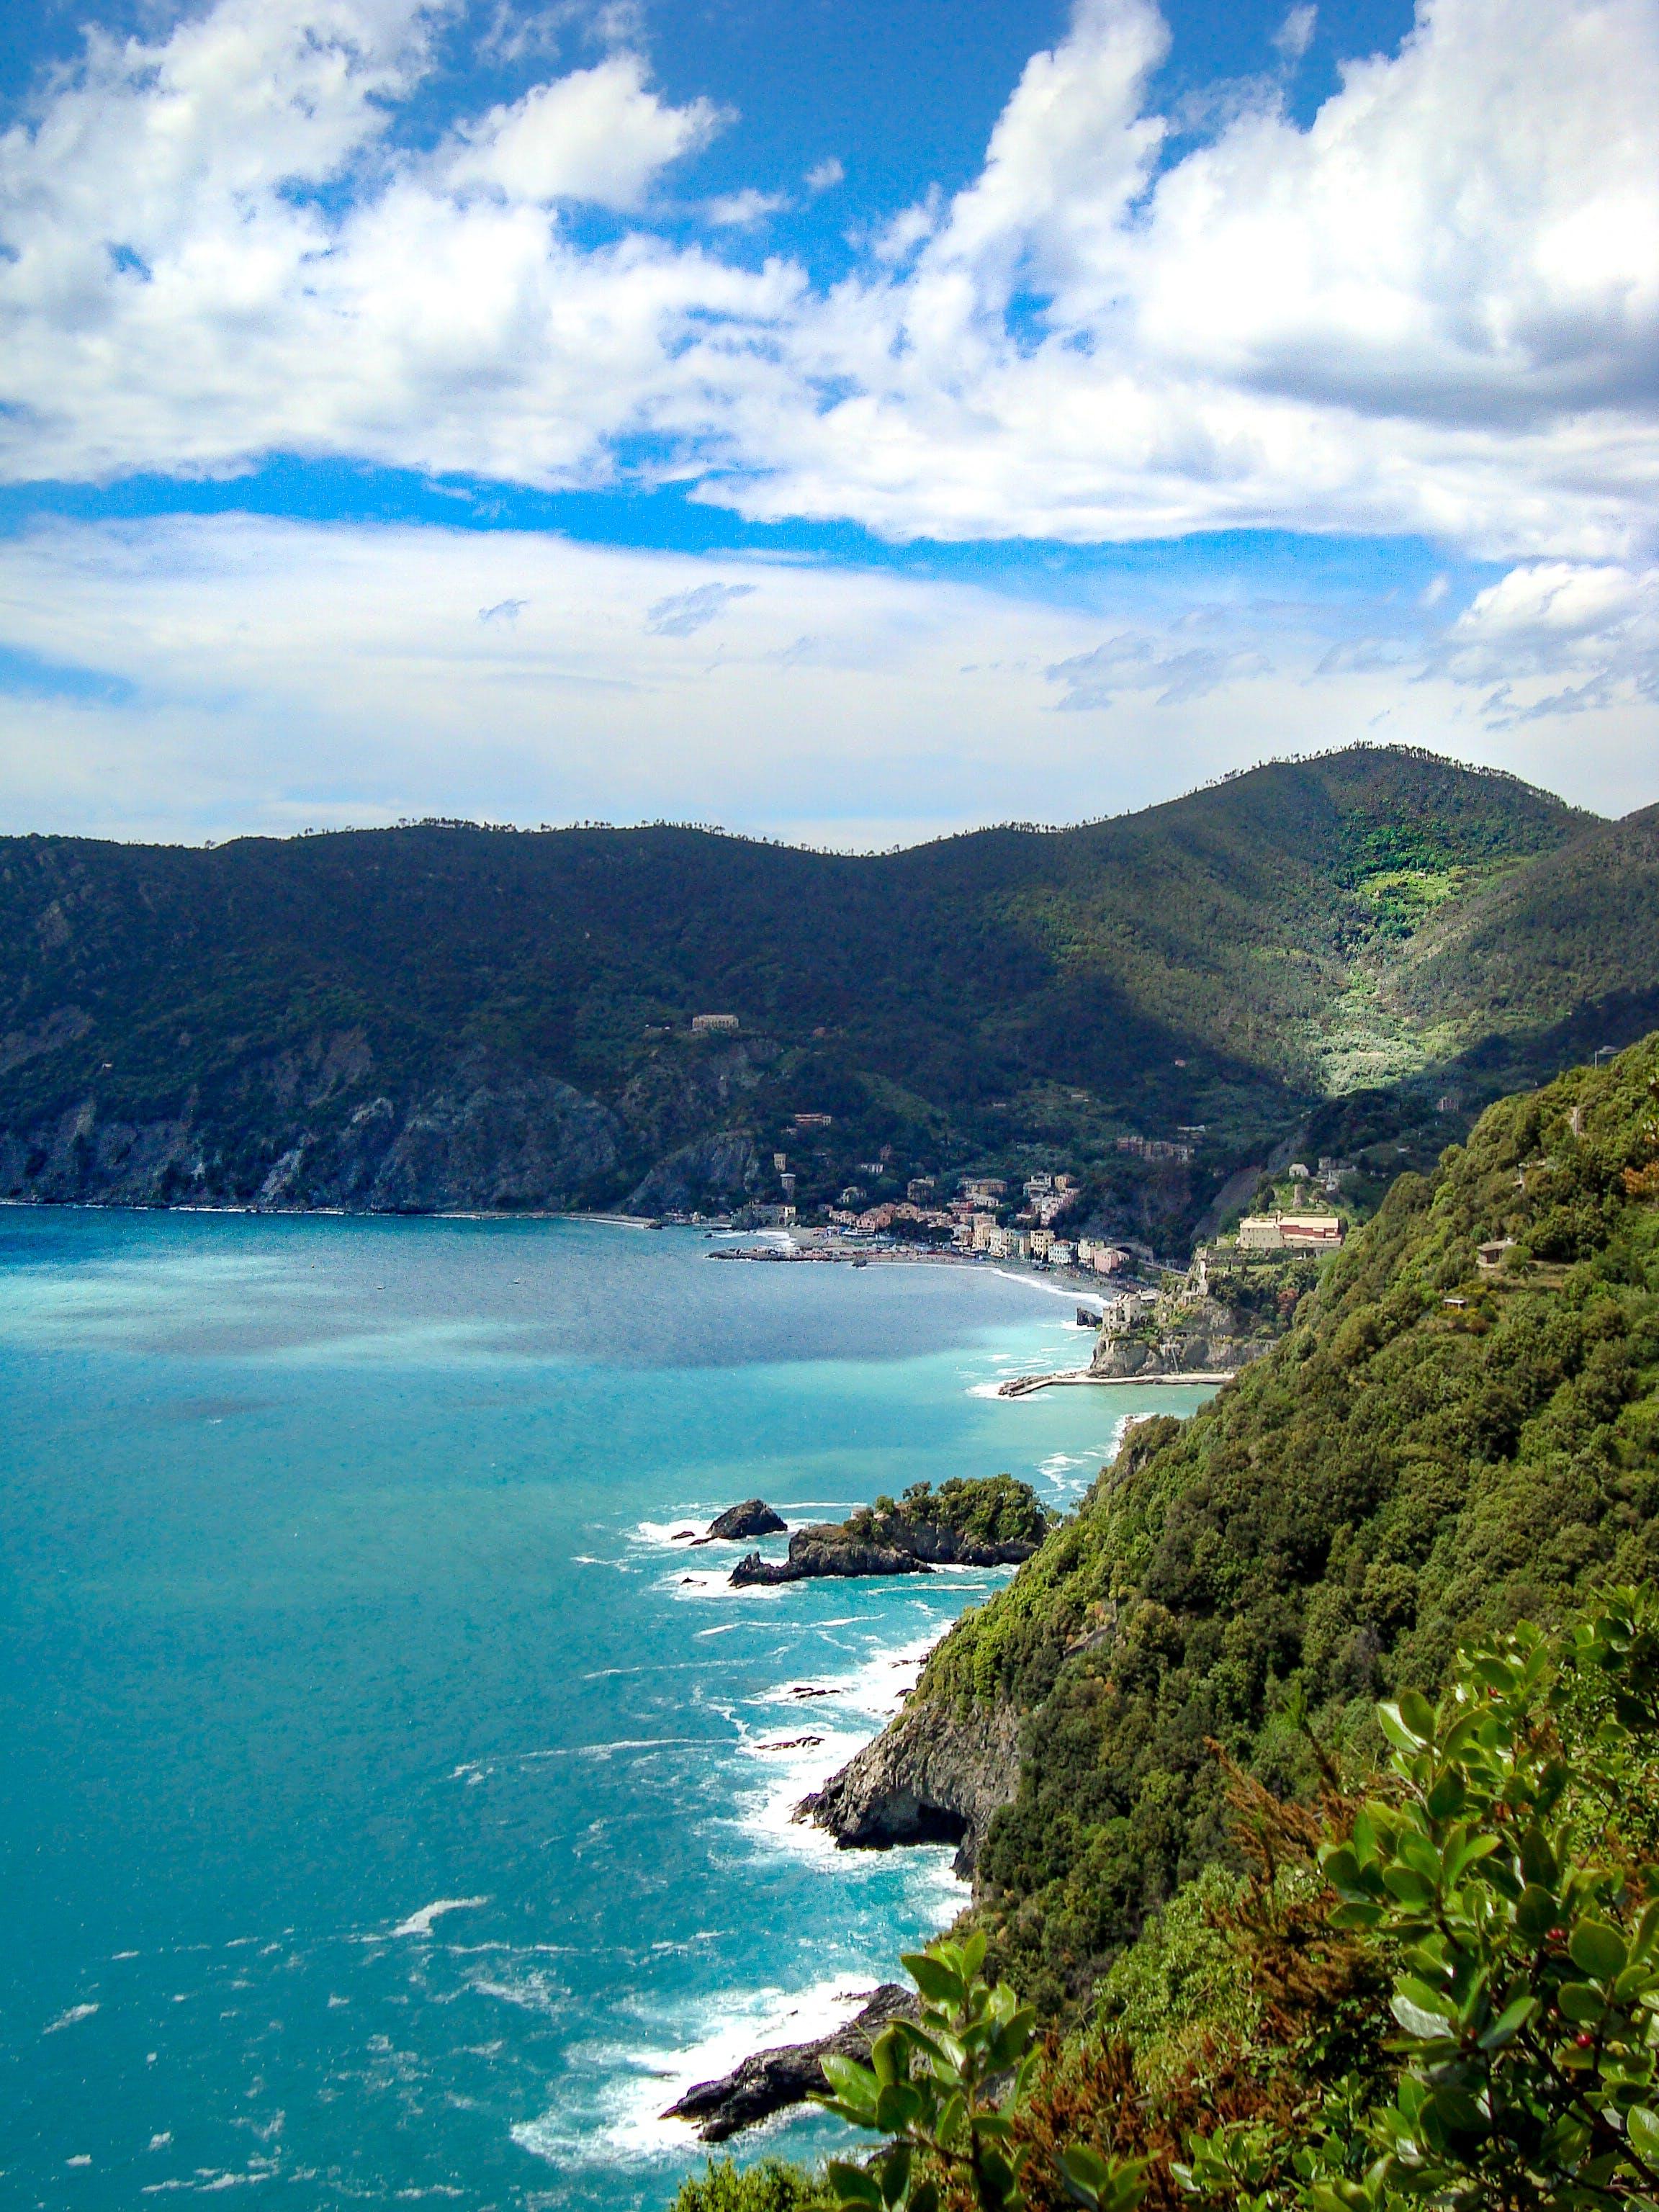 Δωρεάν στοκ φωτογραφιών με cinque terre, βουνό, γραφικός, θάλασσα